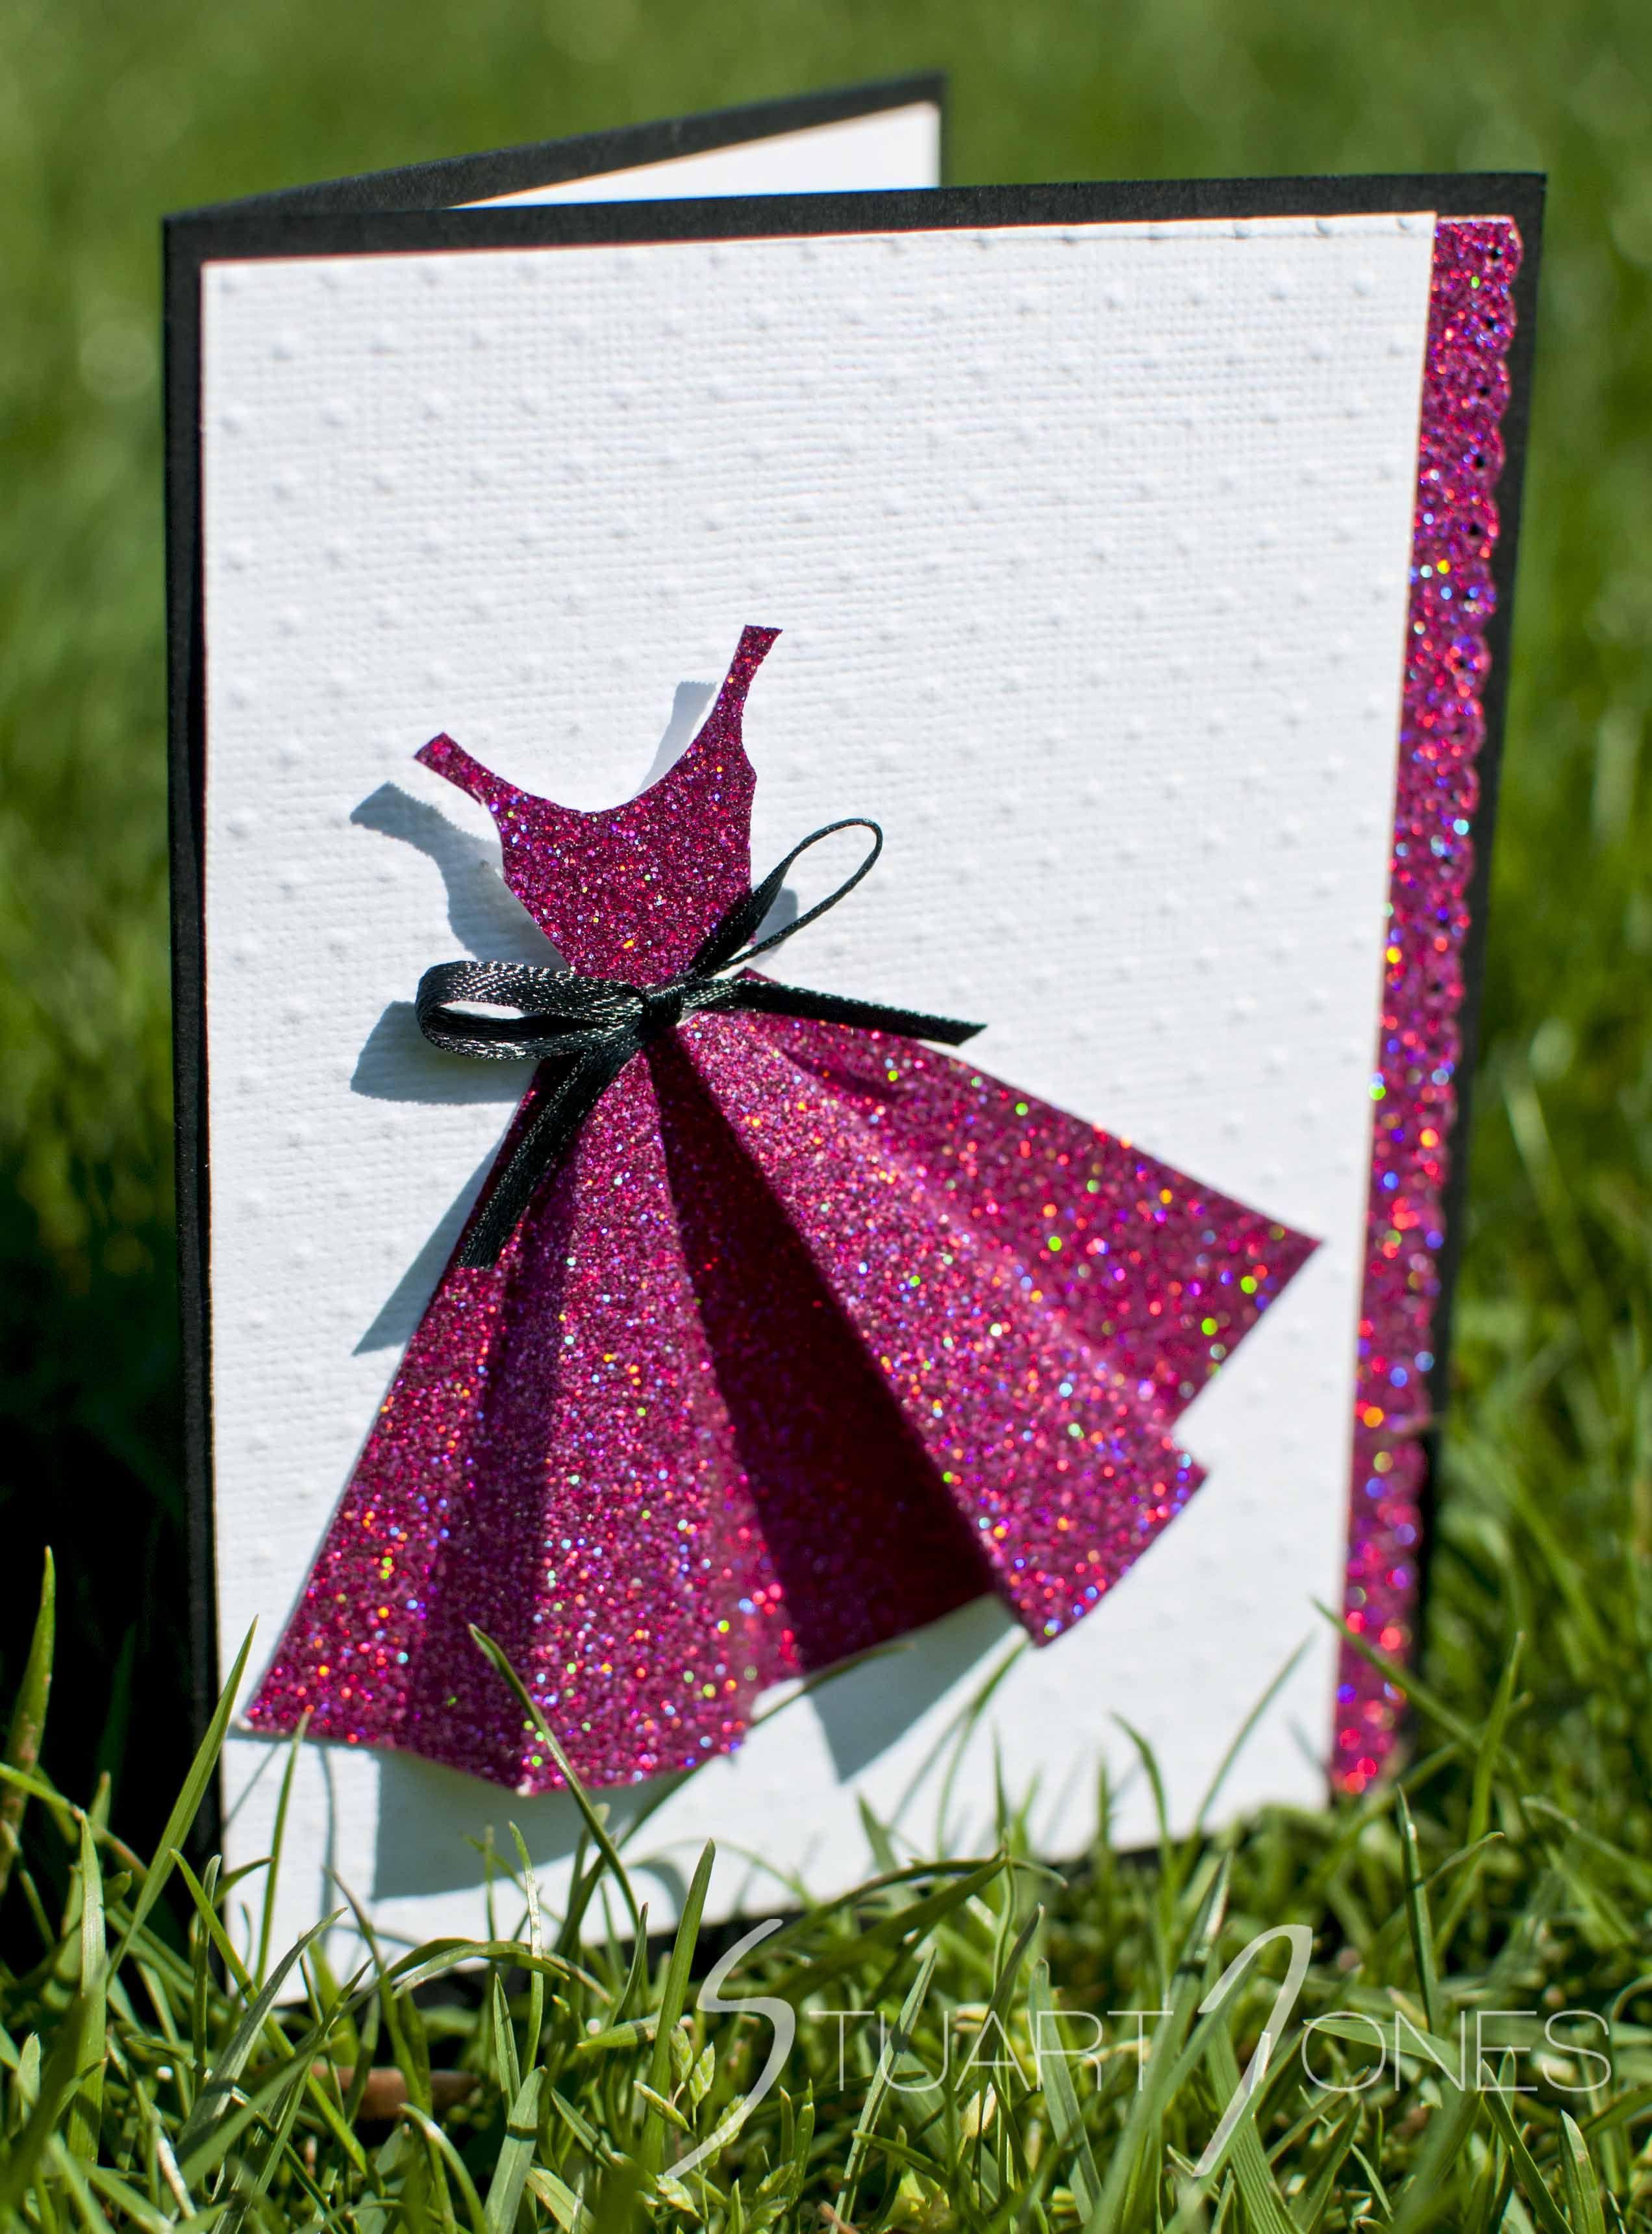 Handmade Cards Photos ศิลปะการพับกระดาษ ศิลปะ และ สมุดบันทึก